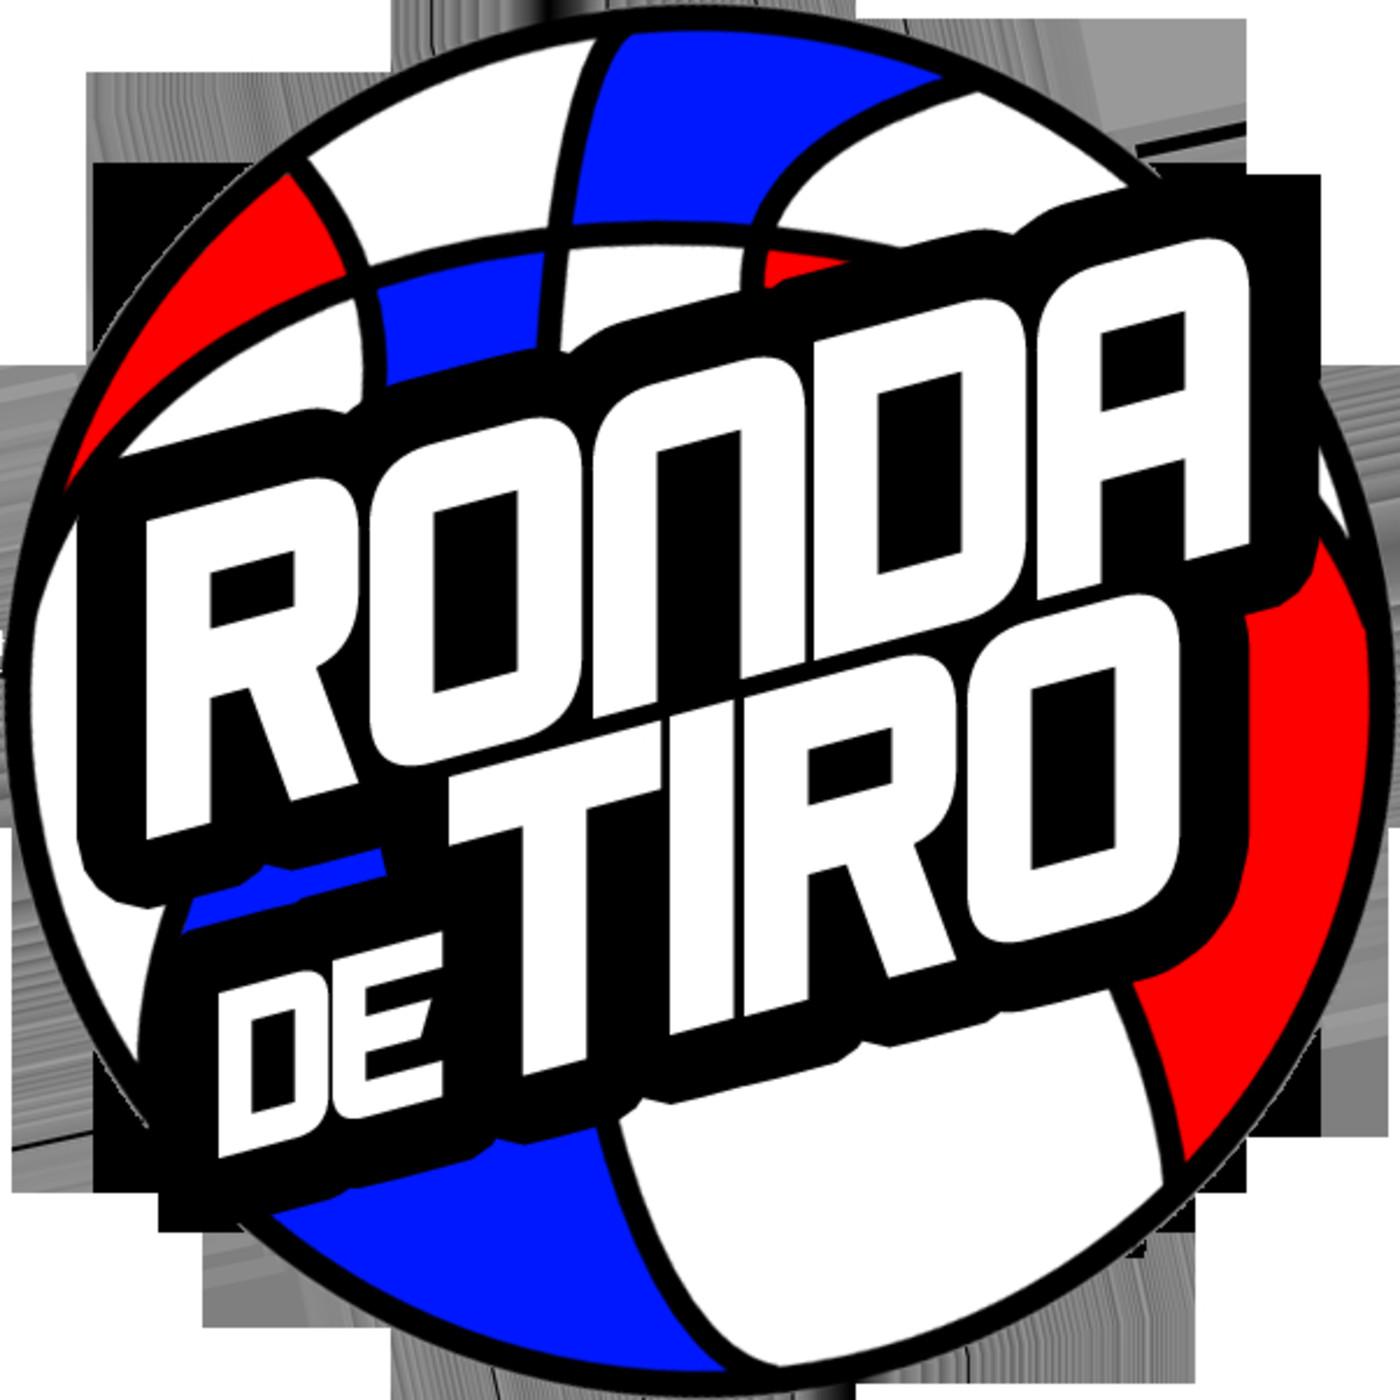 Ronda de Tiro NBA